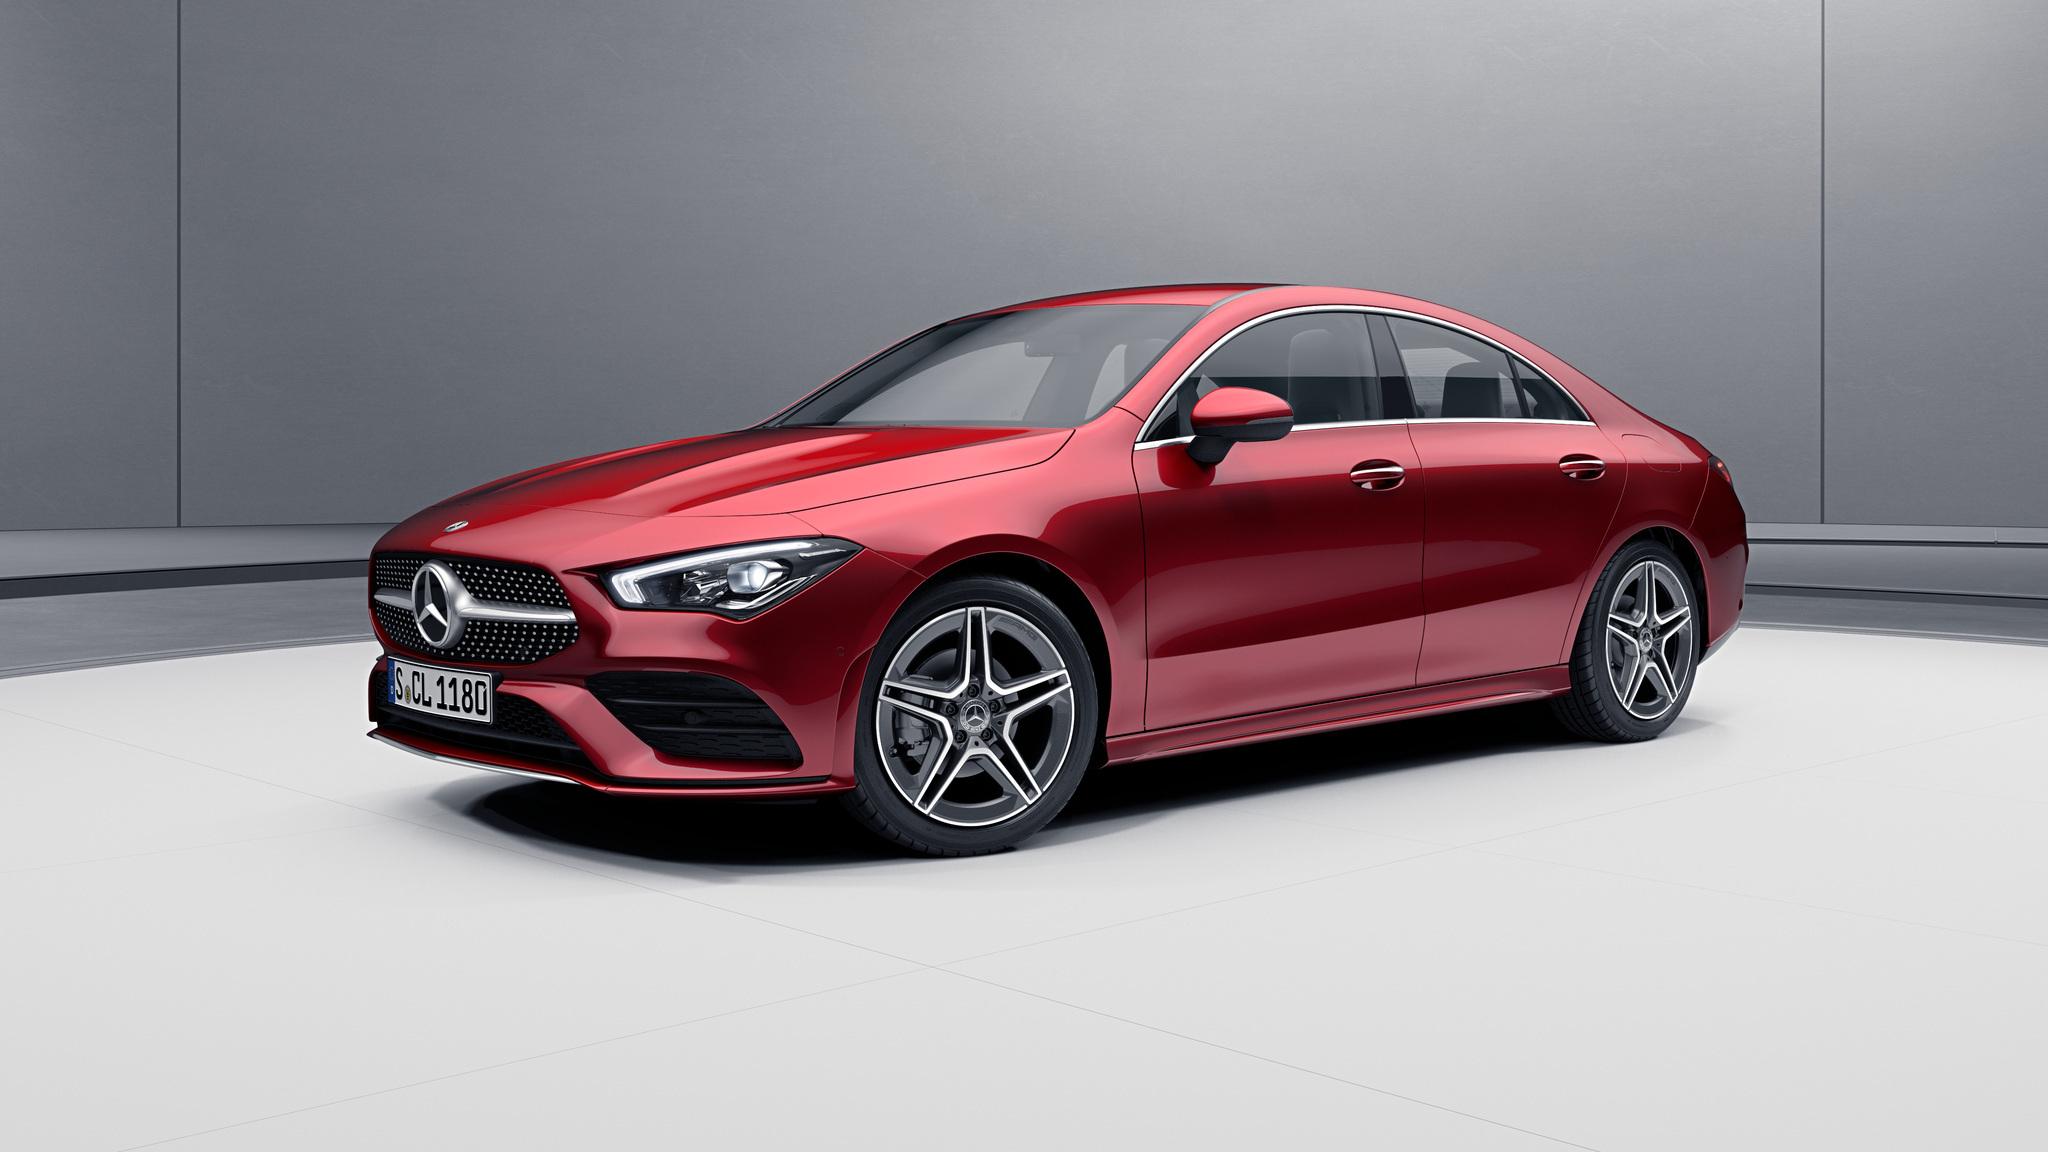 Vue de trois quarts de profil de la Mercedes CLA avec la peinture designo - rouge Patagonie métallisé